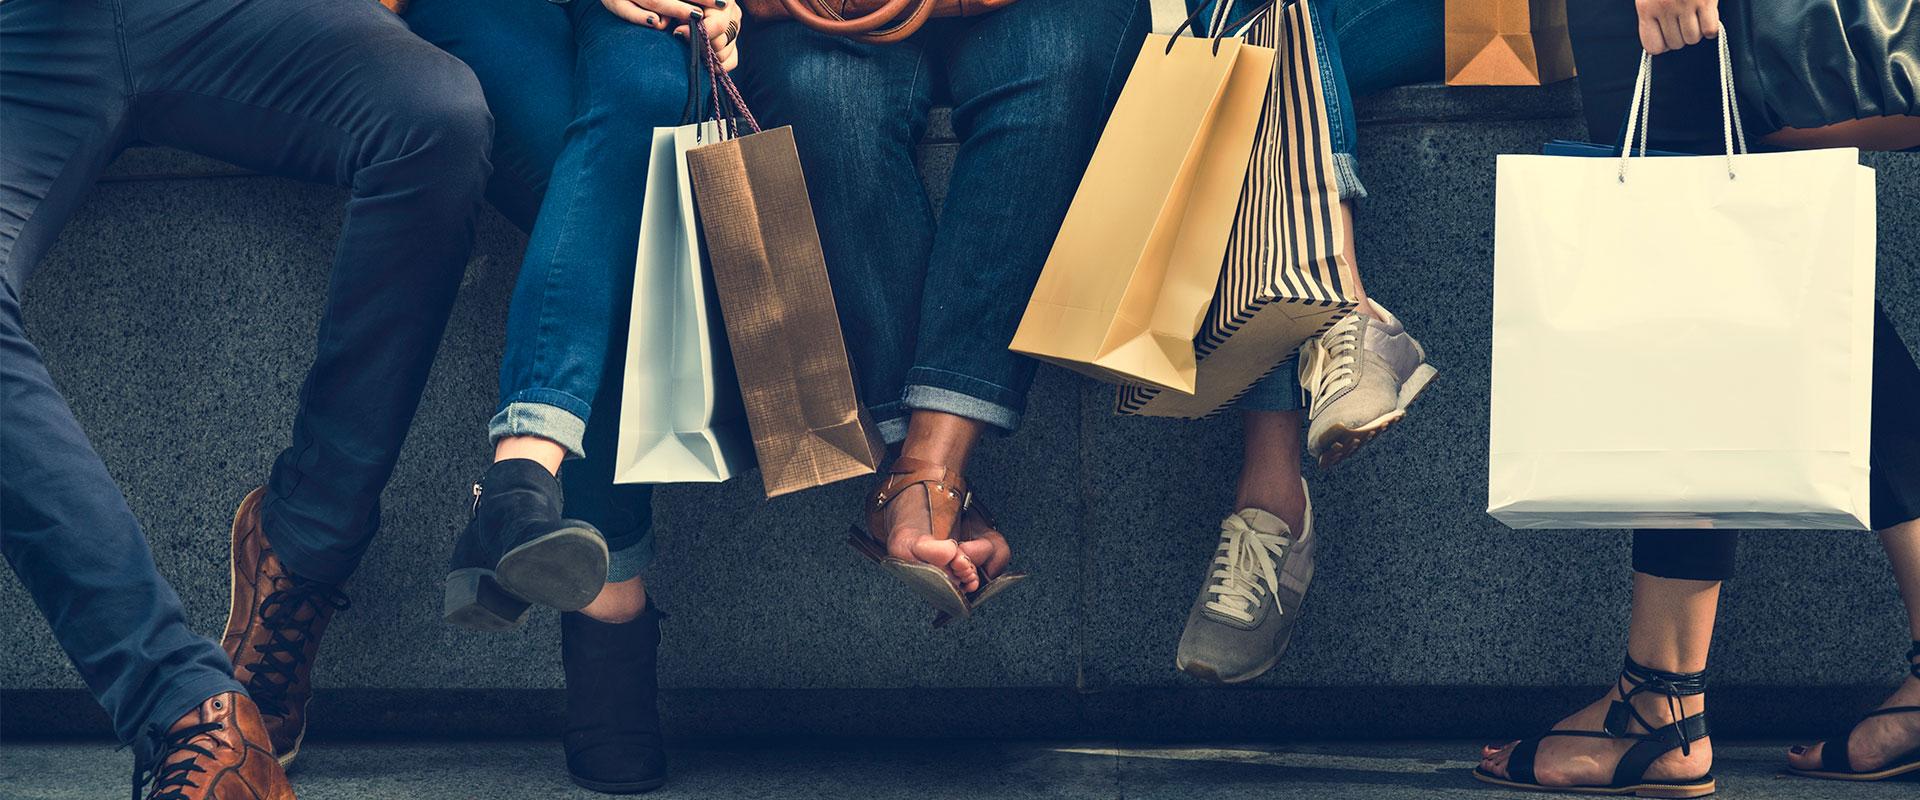 Personas comprando en el Buen Fin 2019.